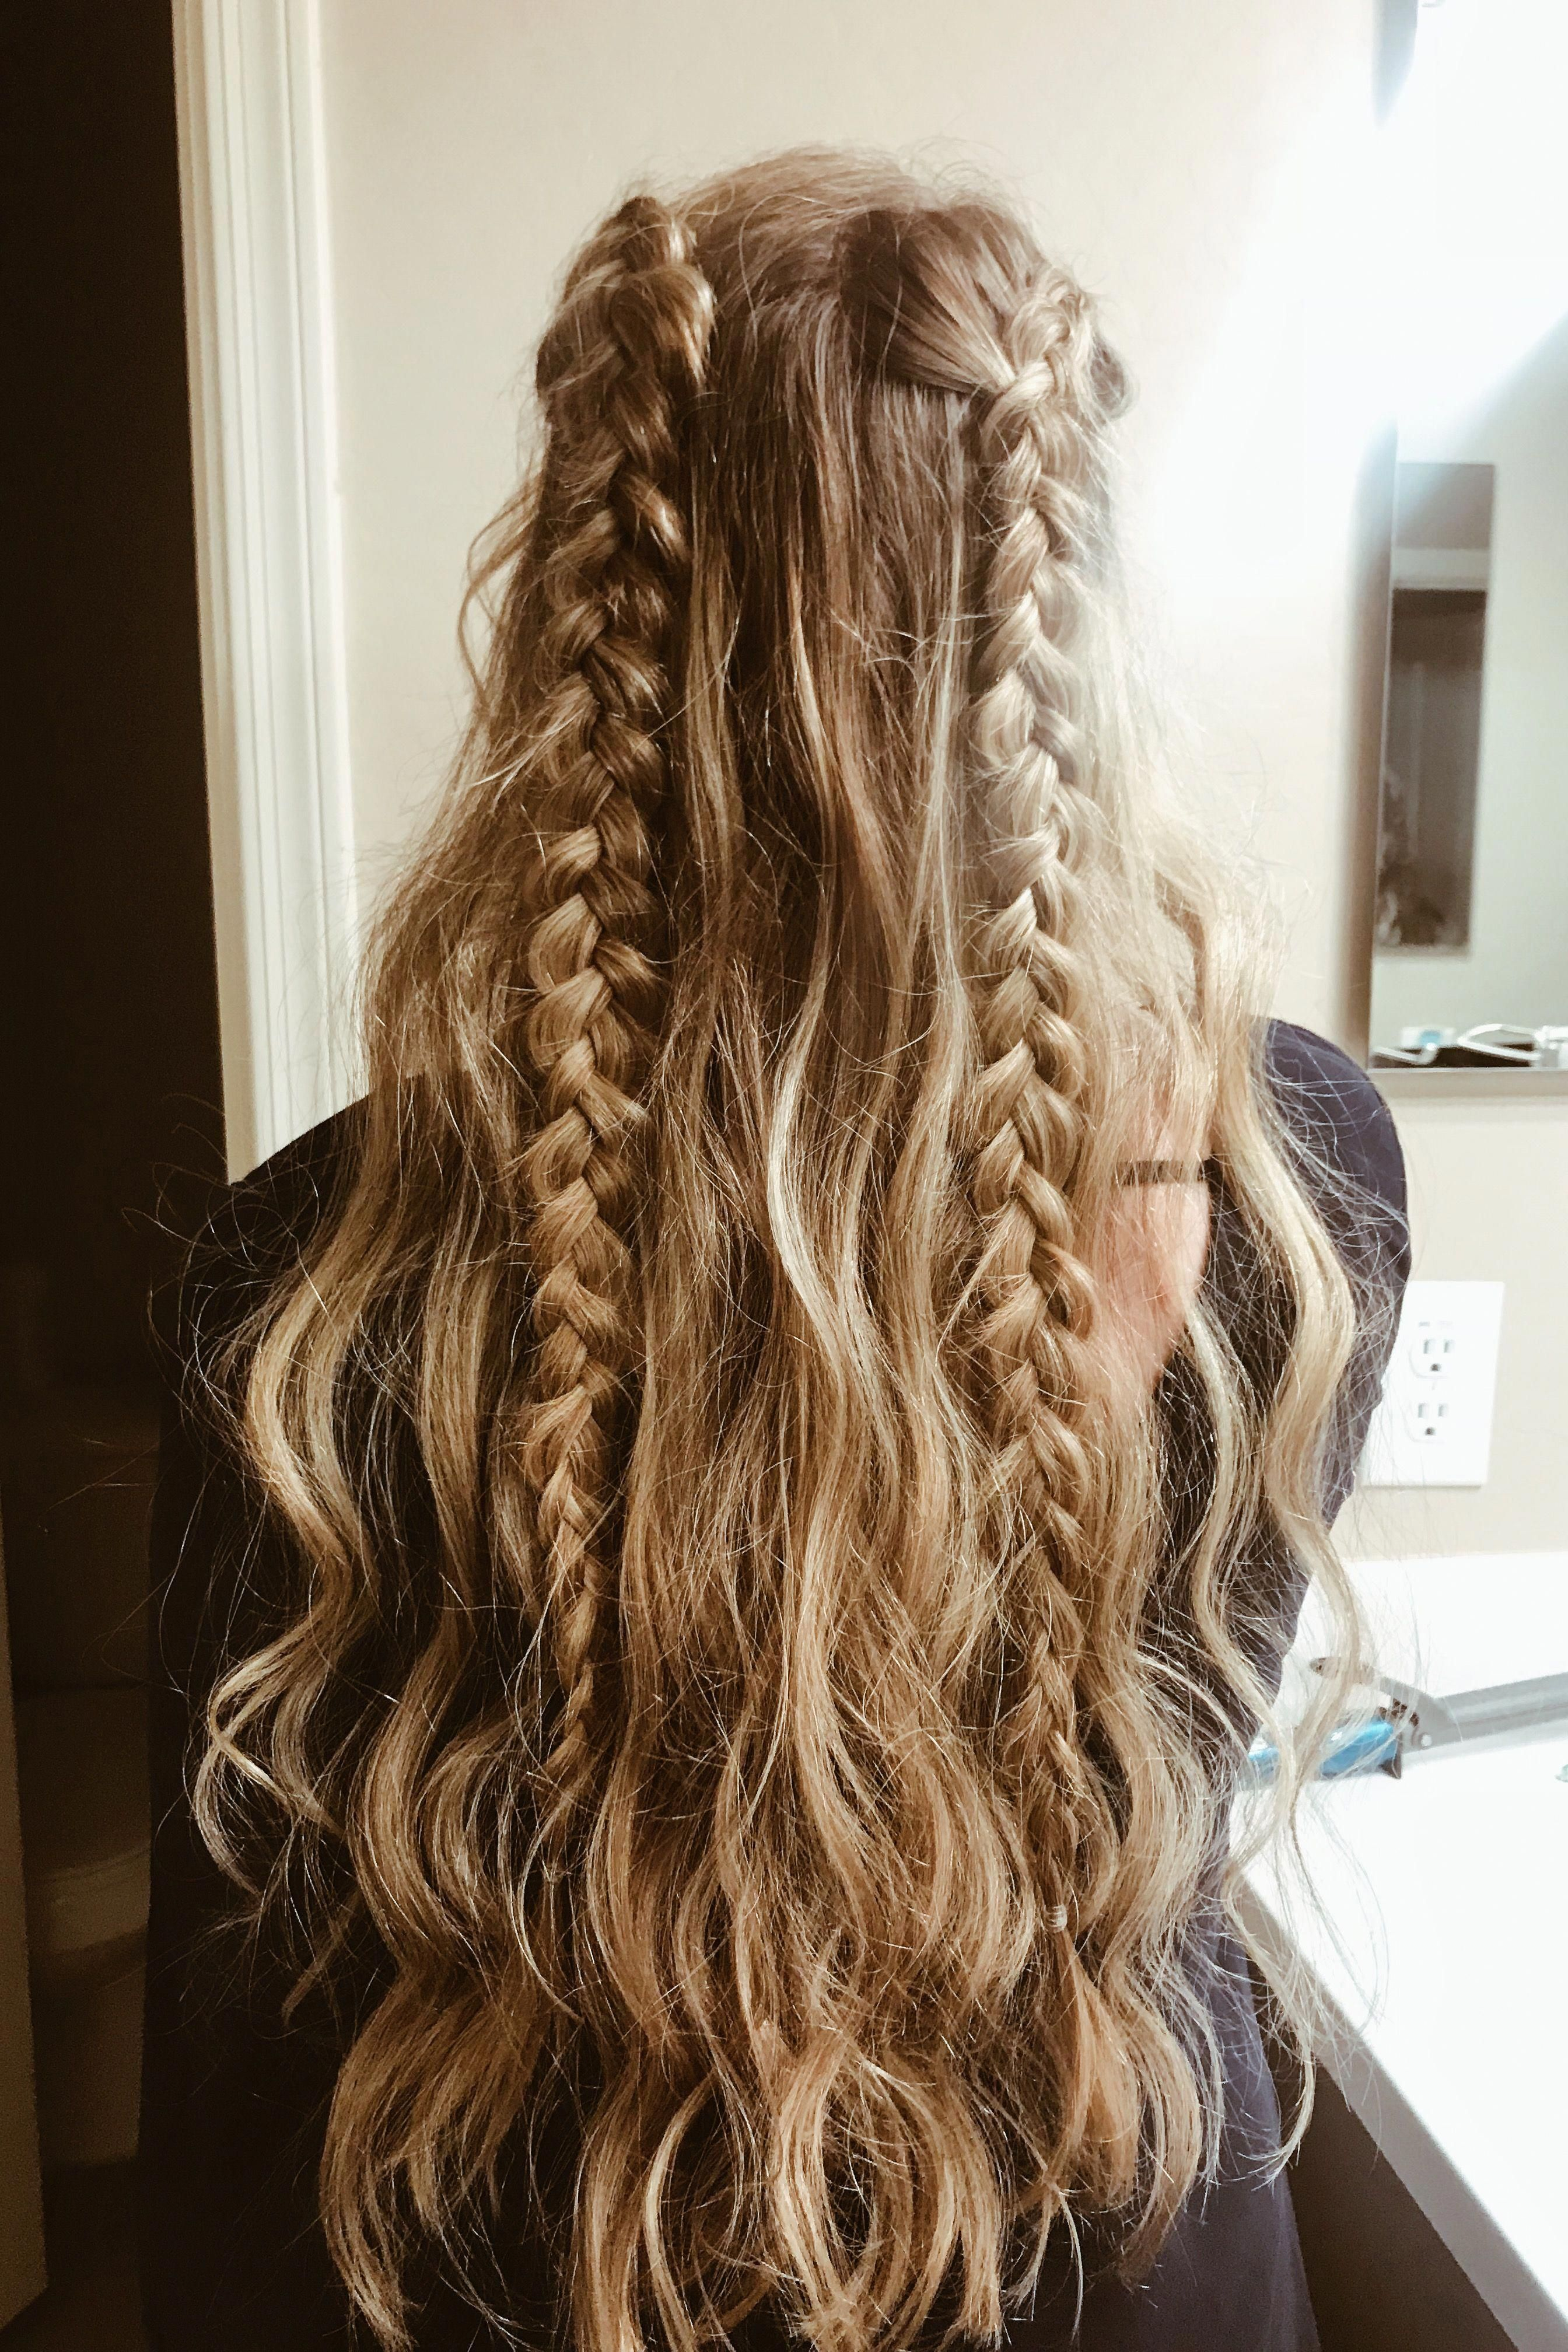 Gorgeous Hair Hair Styles Prom Hair Down Down Hairstyles